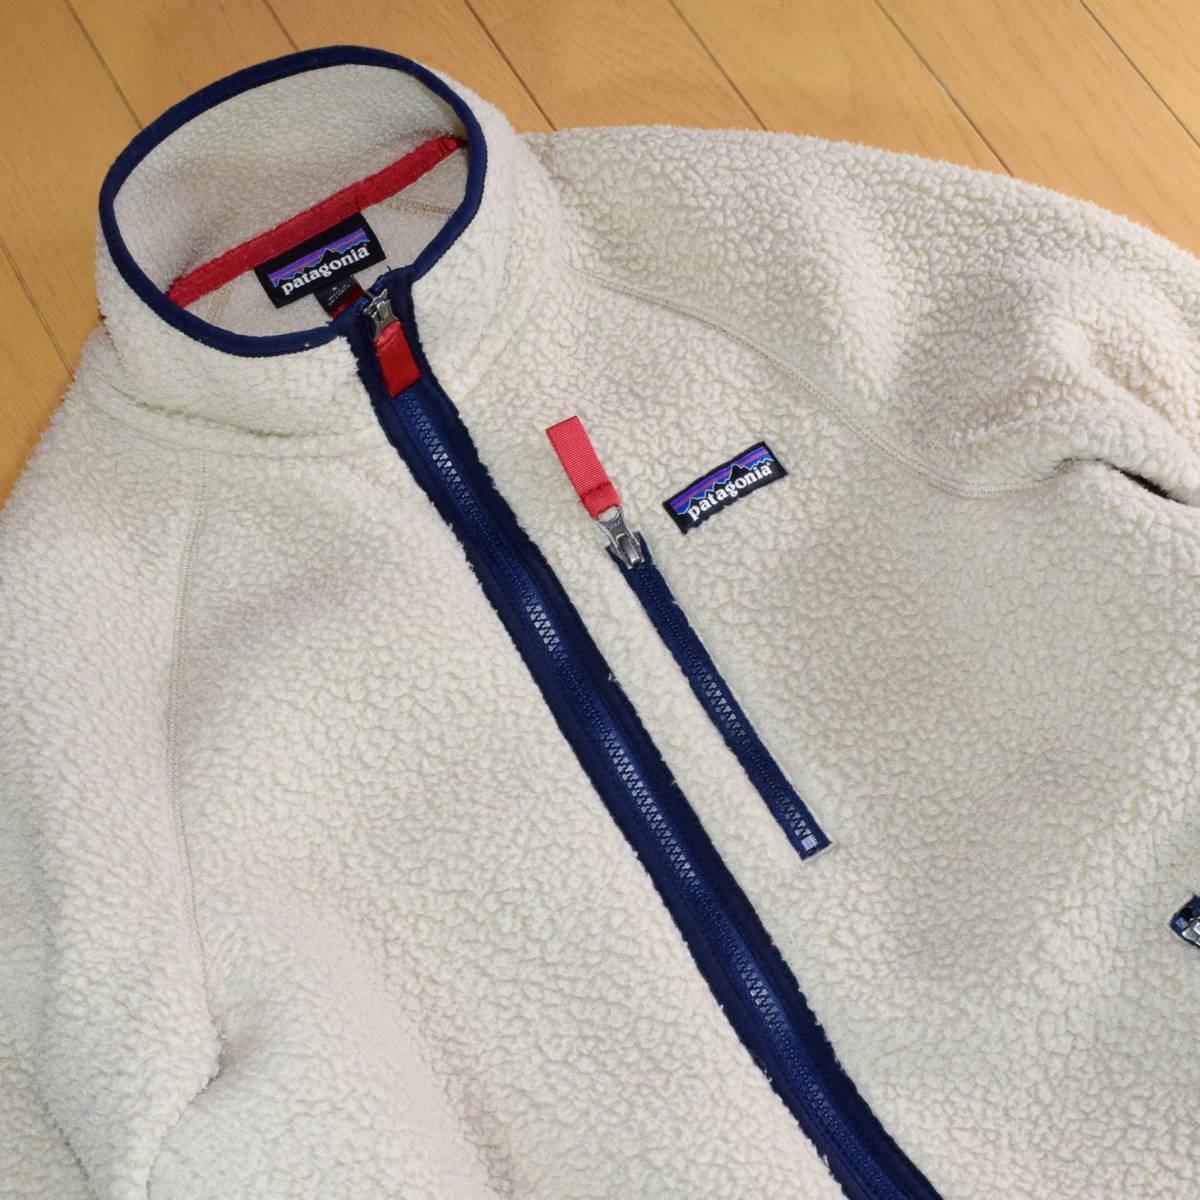 送料無料!人気カラー patagonia パタゴニア MEN'S retro pile jacket S サイズ レトロパイル ジャケット レトロX 希少22800FA18 ELKH_画像2